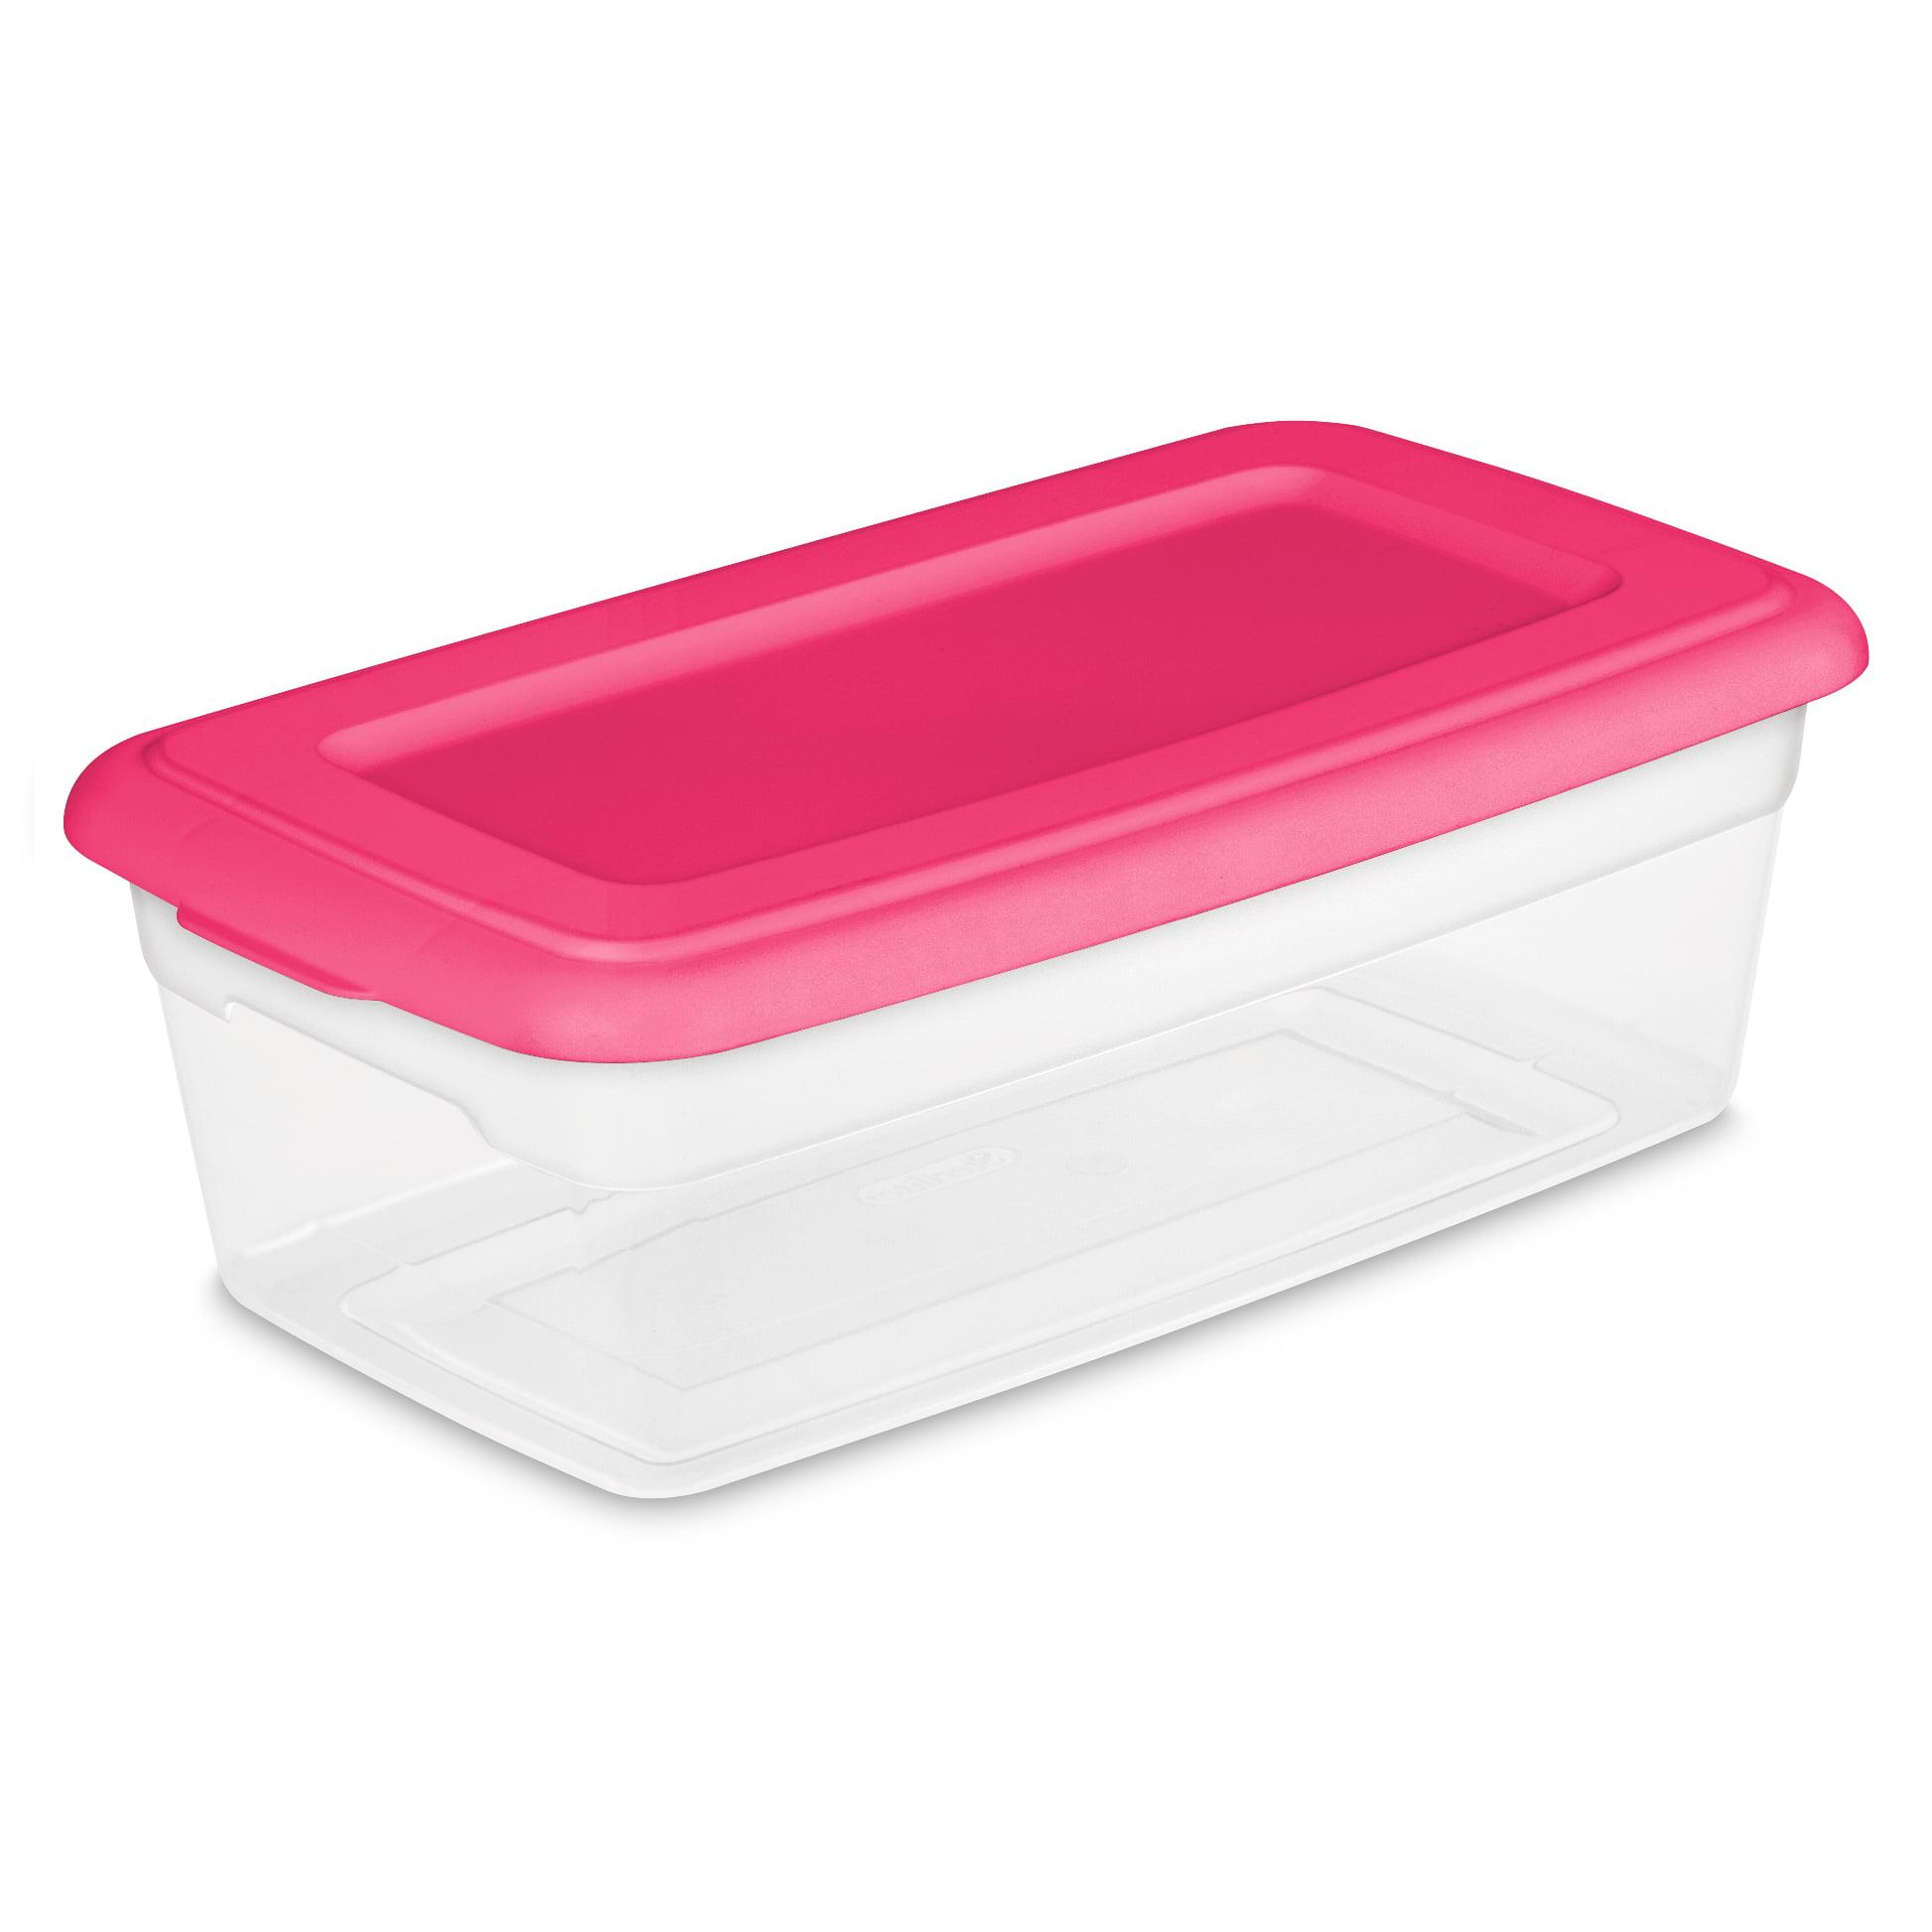 Sterilite 6 Qt Storage Box, Fuchsia Burst